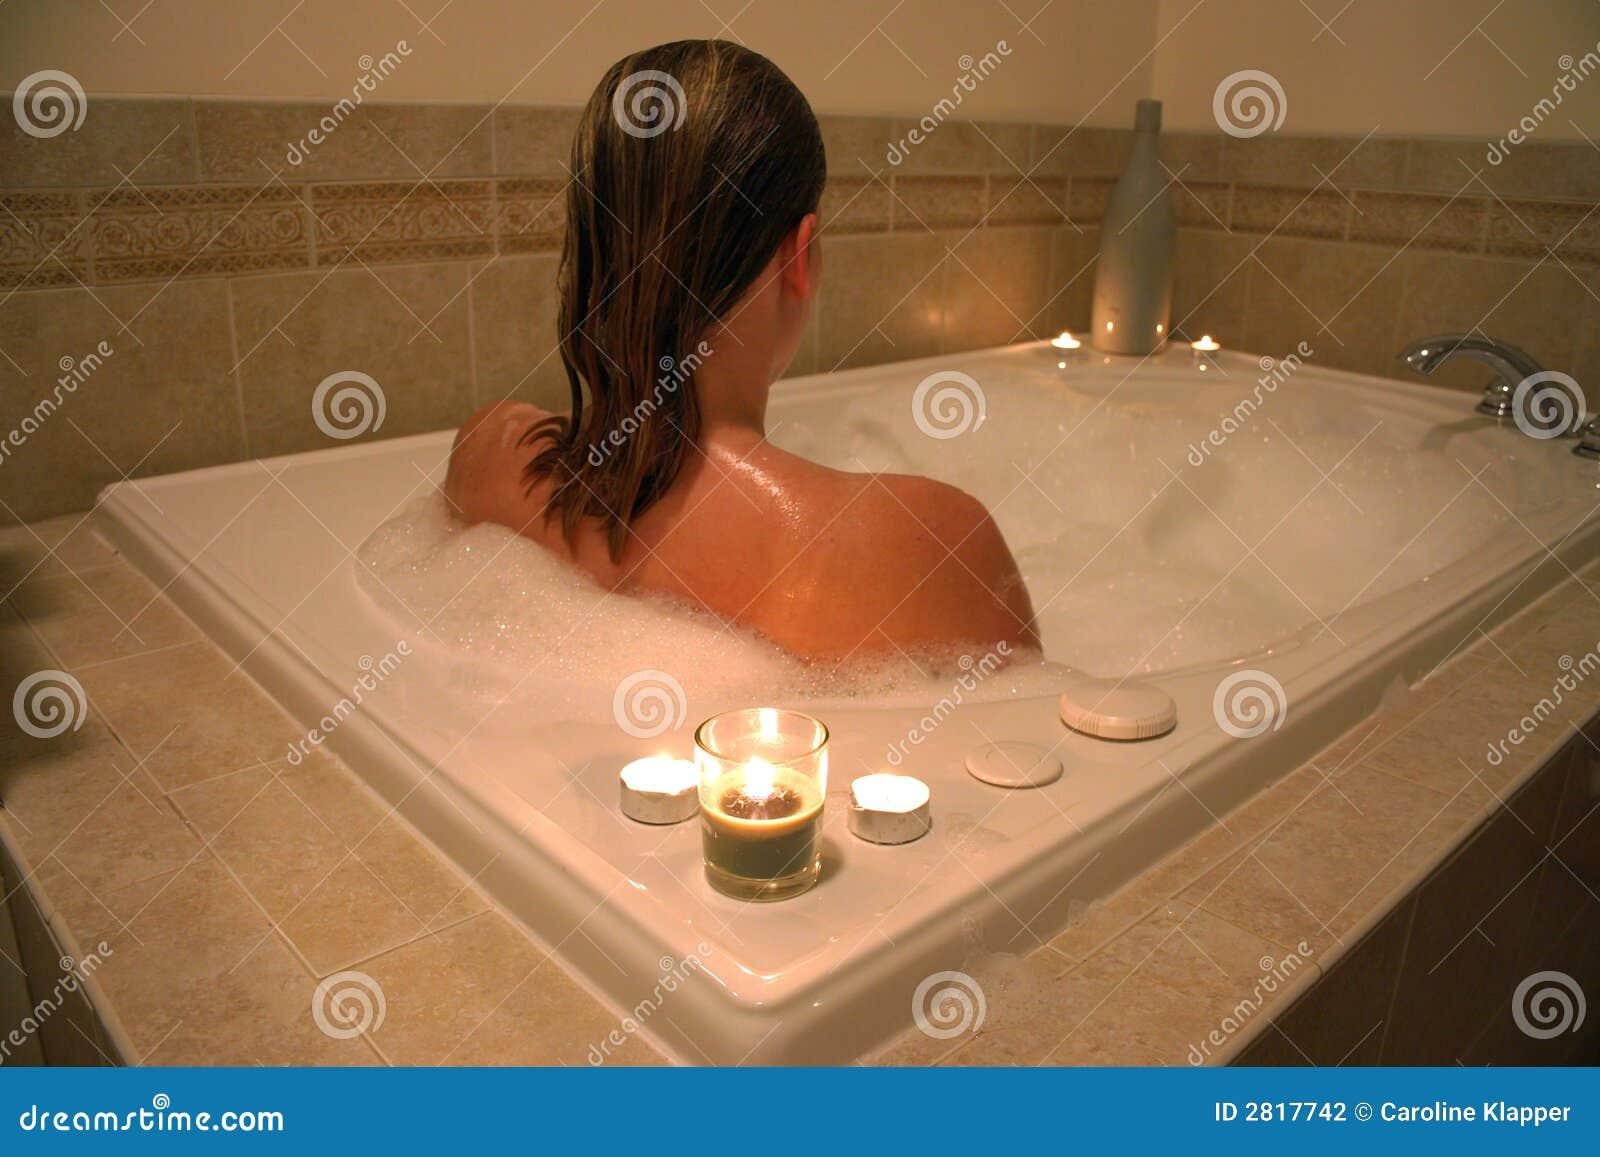 Vasca Da Bagno Romantica : Donna in vasca da bagno fotografia stock immagine di godere